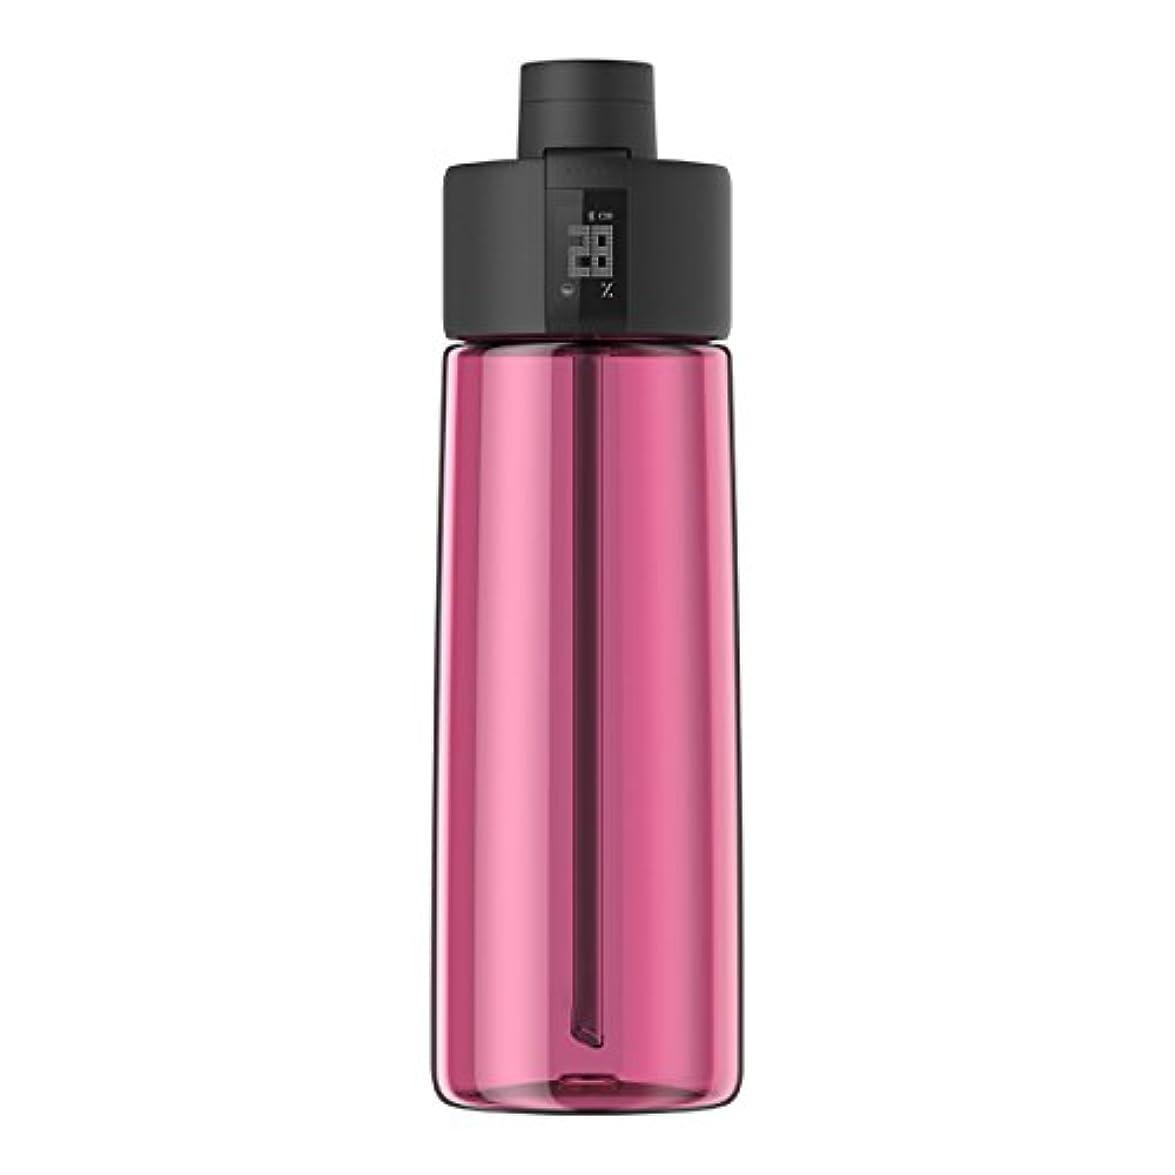 Techcomm bocombiスマートウォーターボトルZephair Hydrationトラッキング、アラームスマートストローテクノロジーと水和のホットとコールドnon-carbonated Drinks